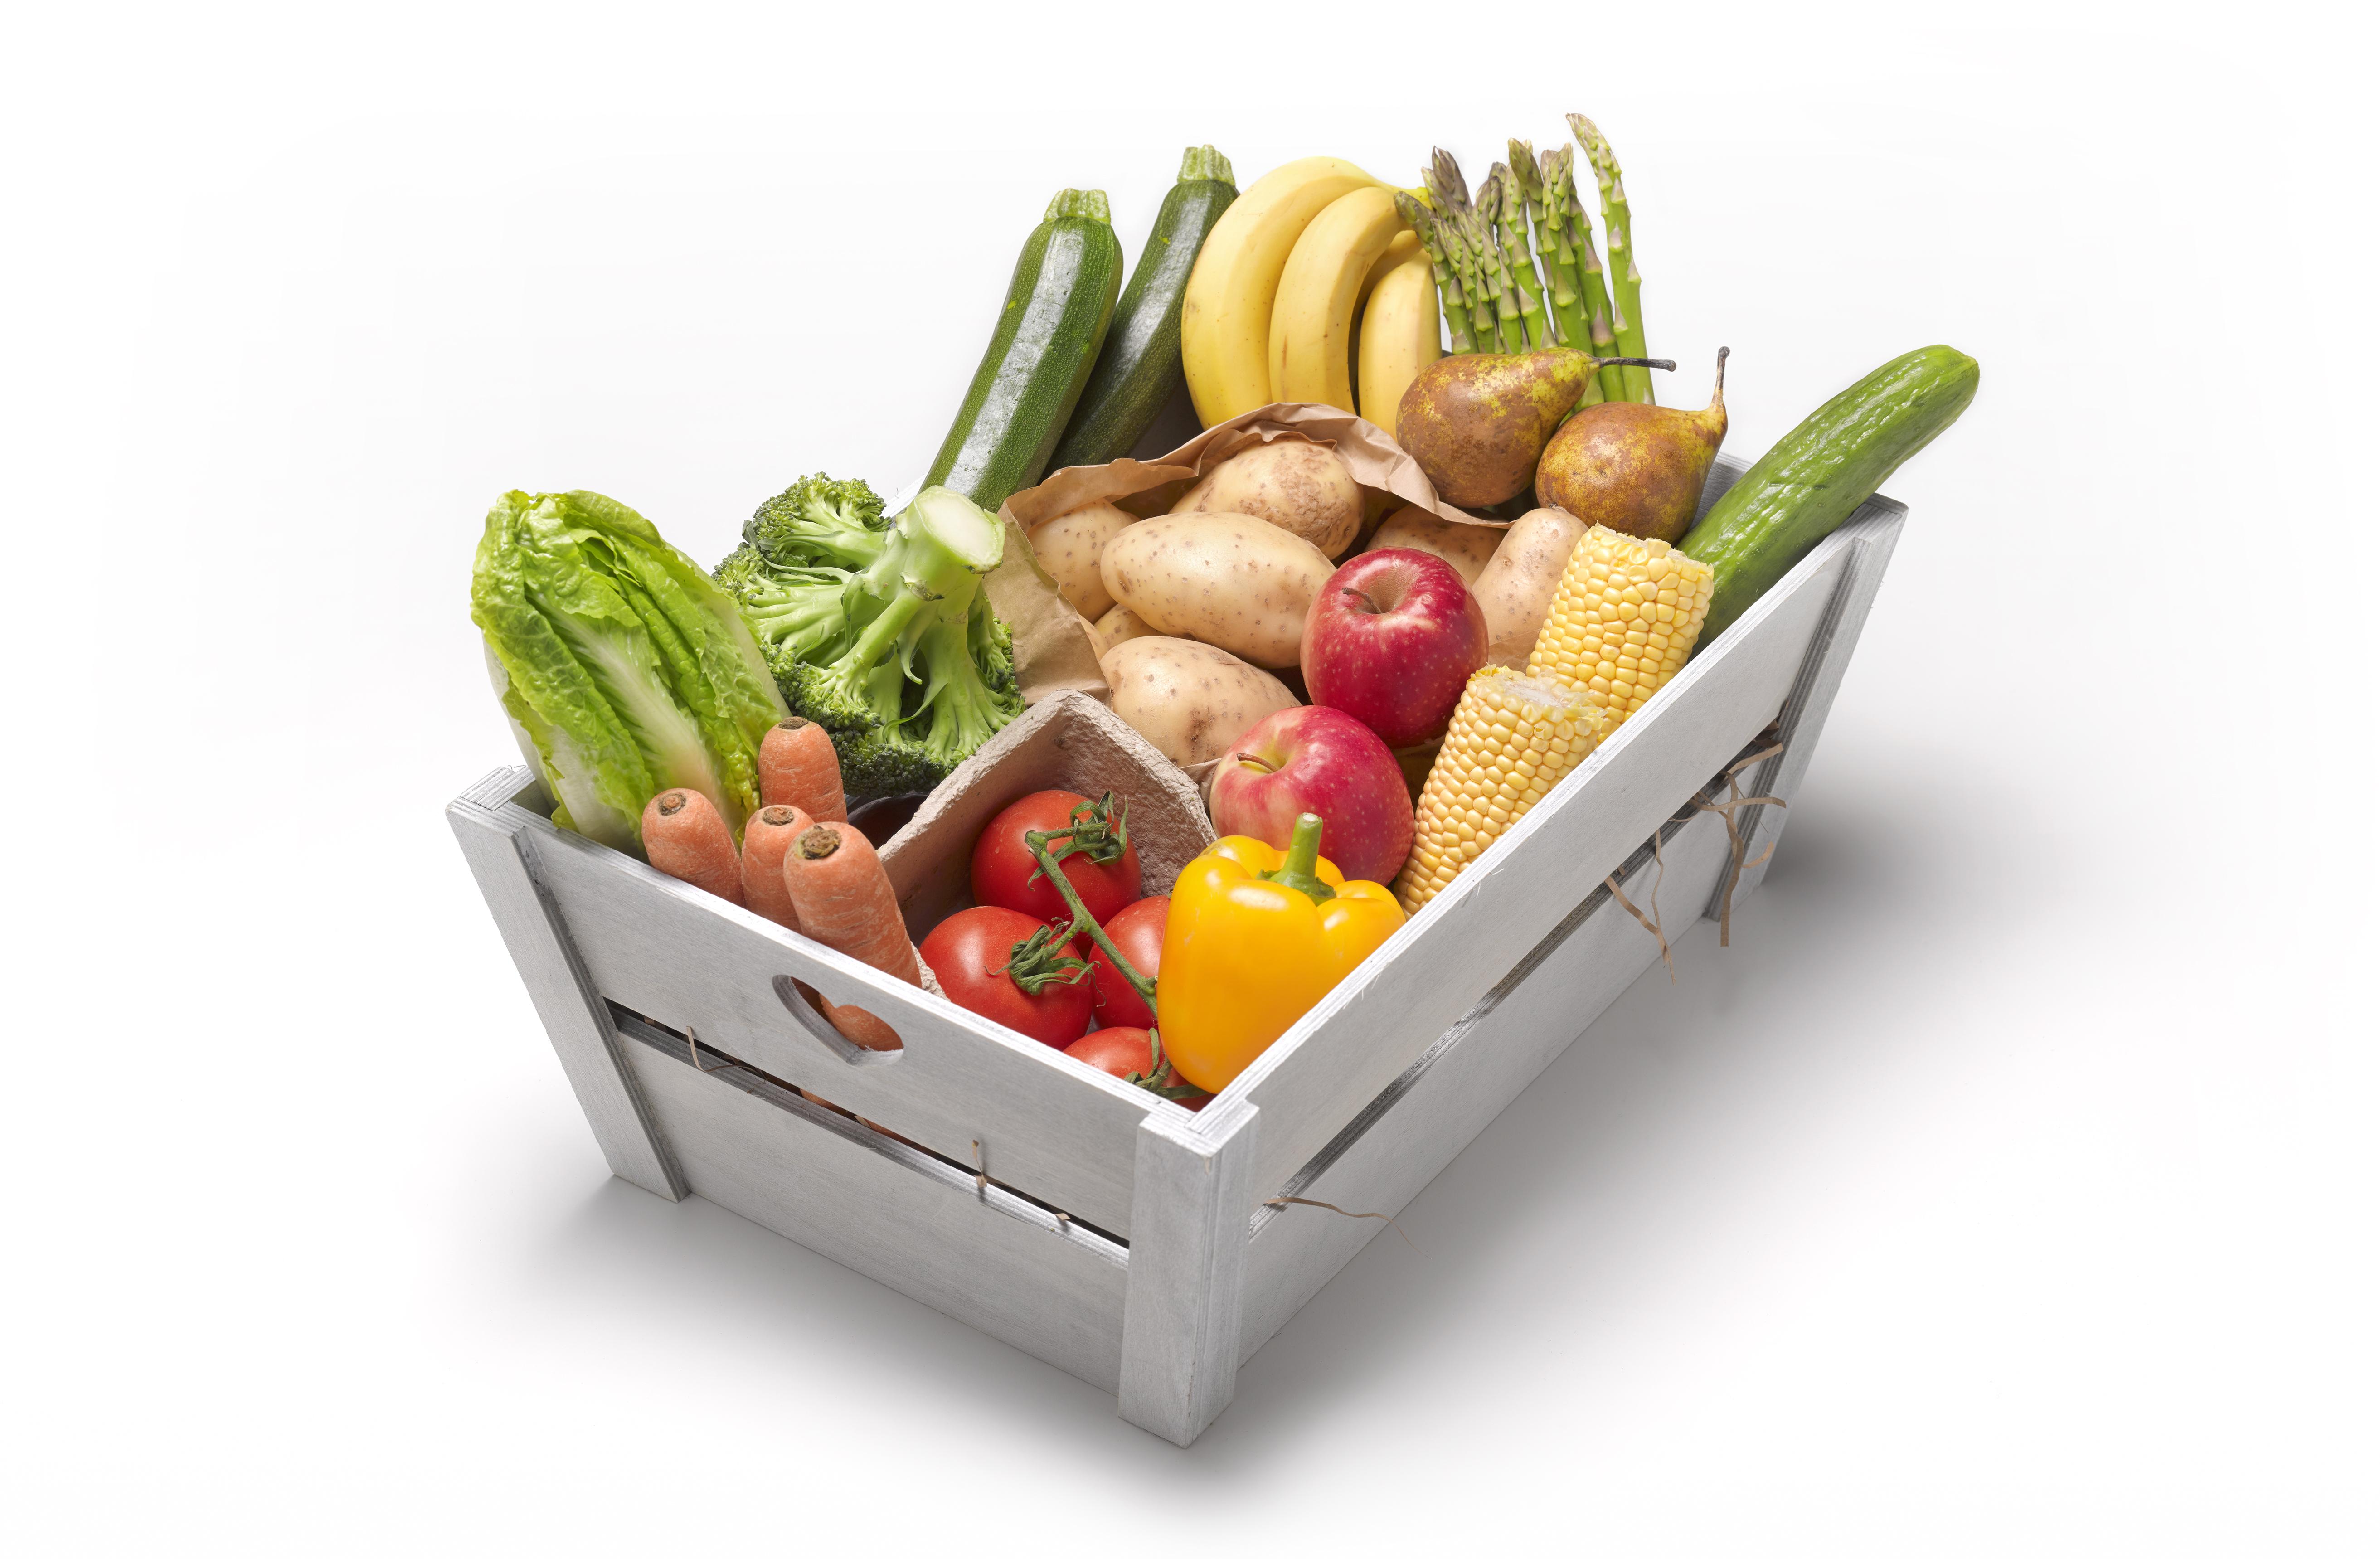 frutas, verdura, vegetales